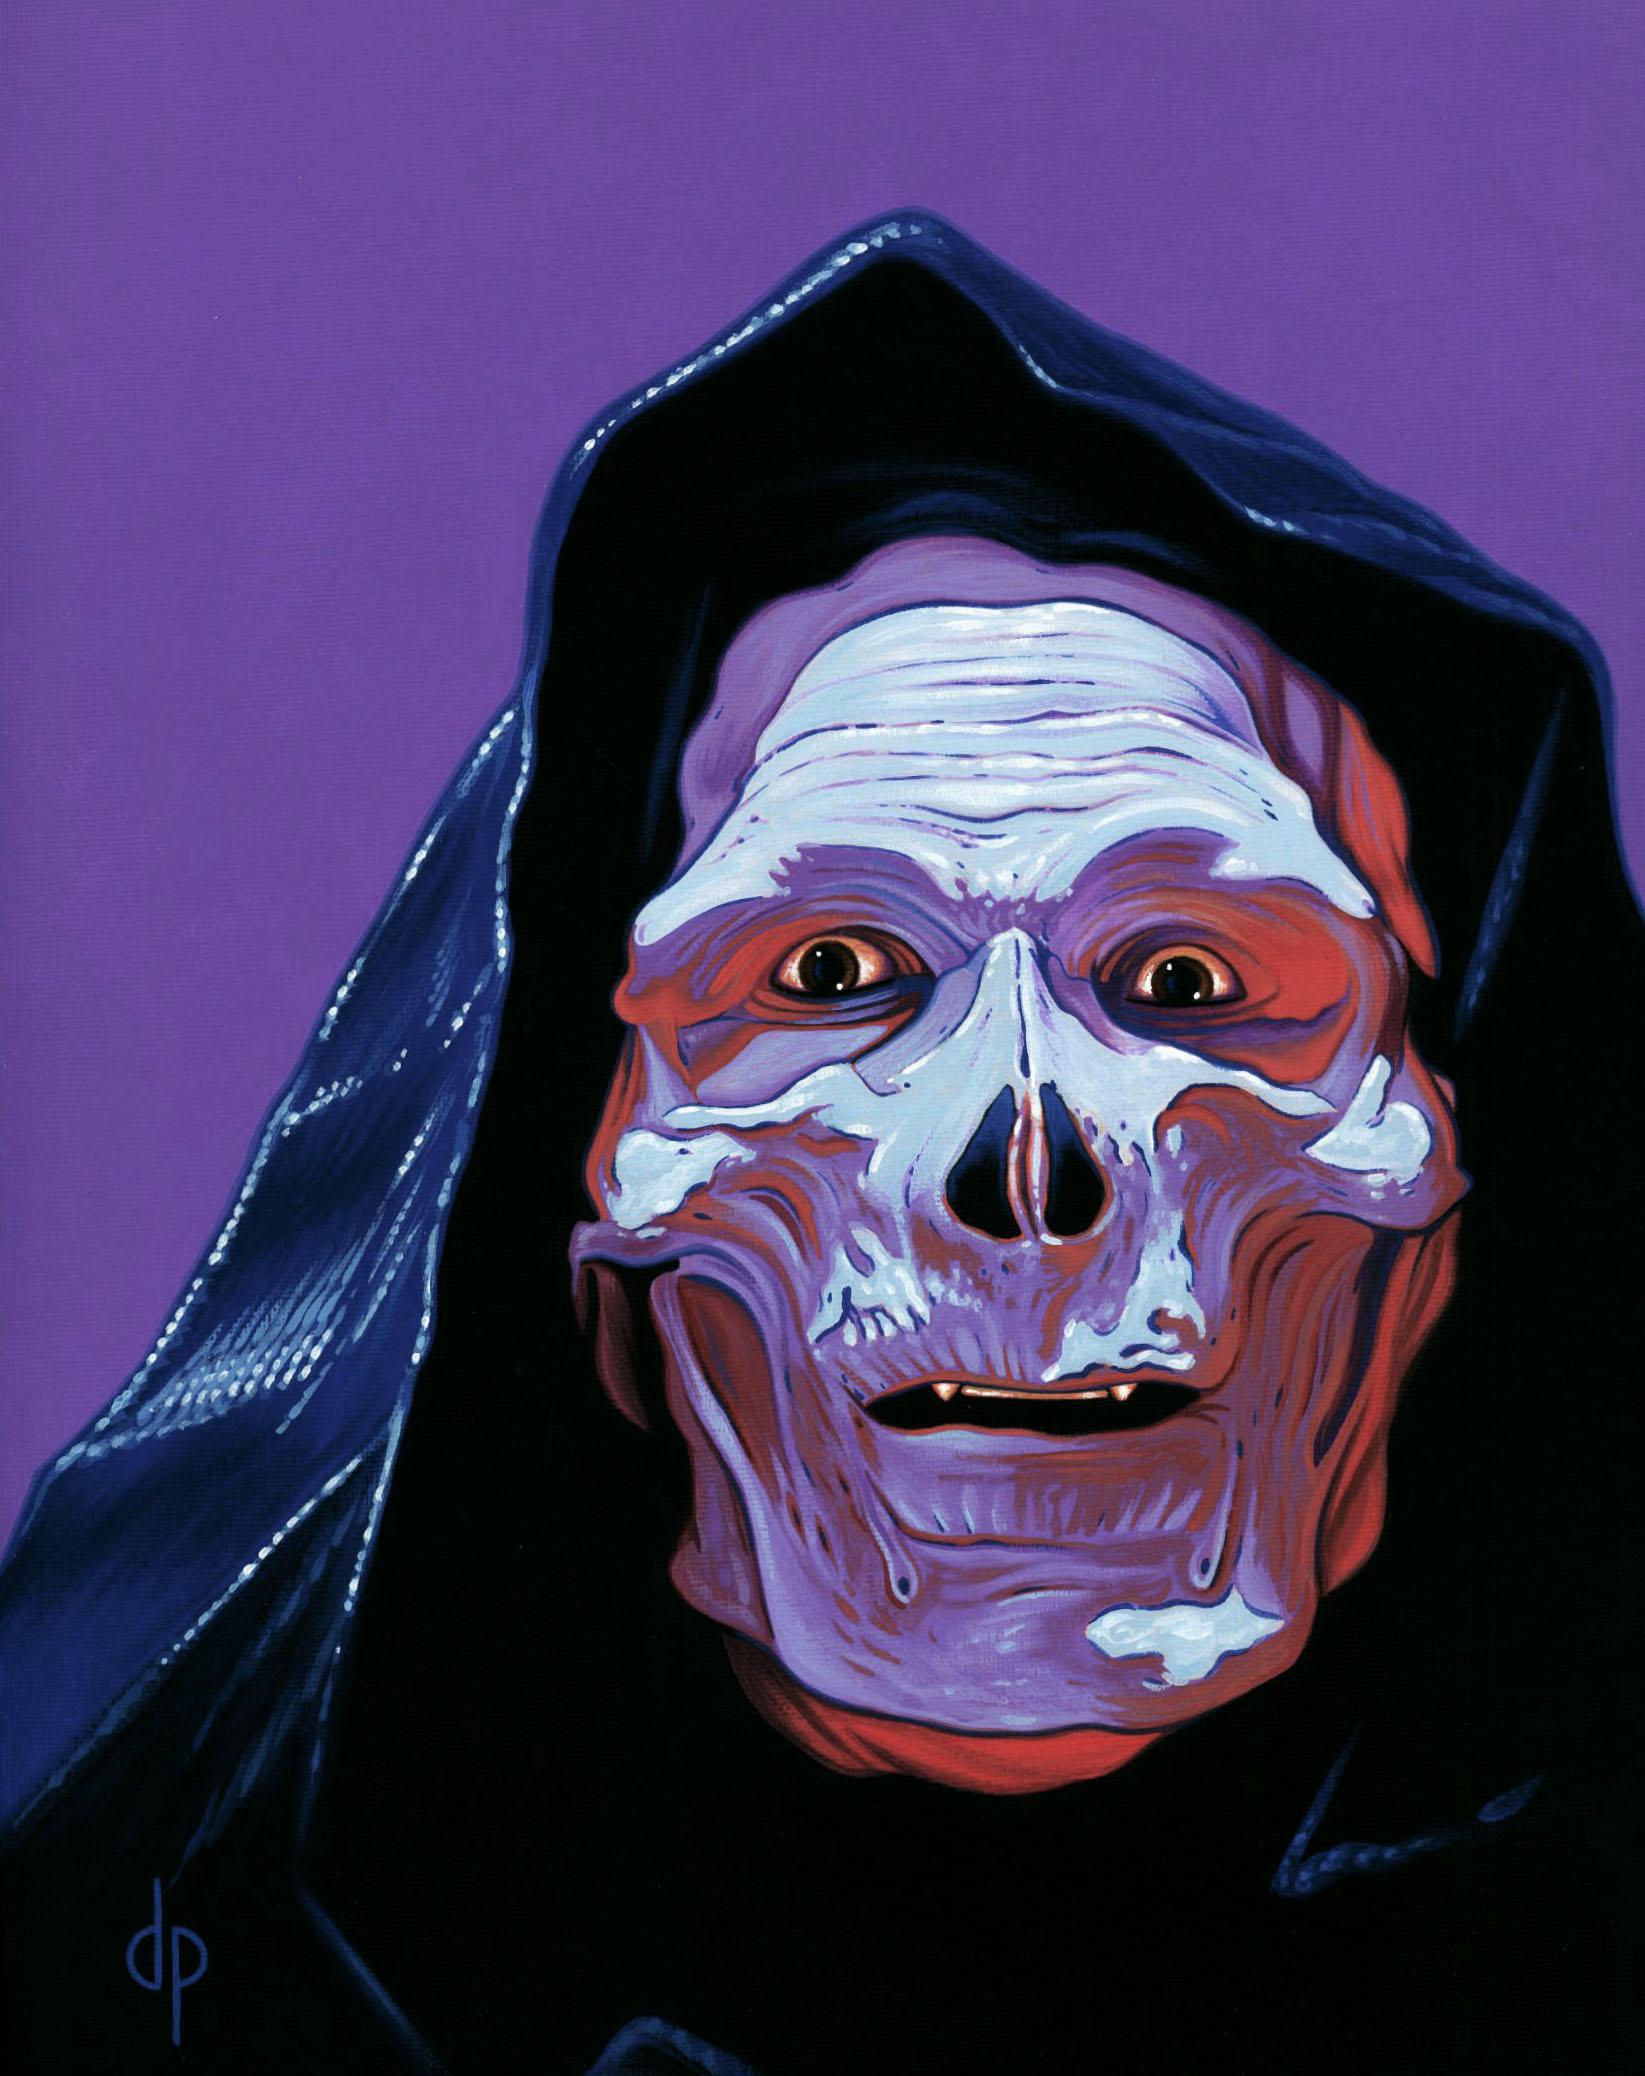 Frank Langella Skeletor